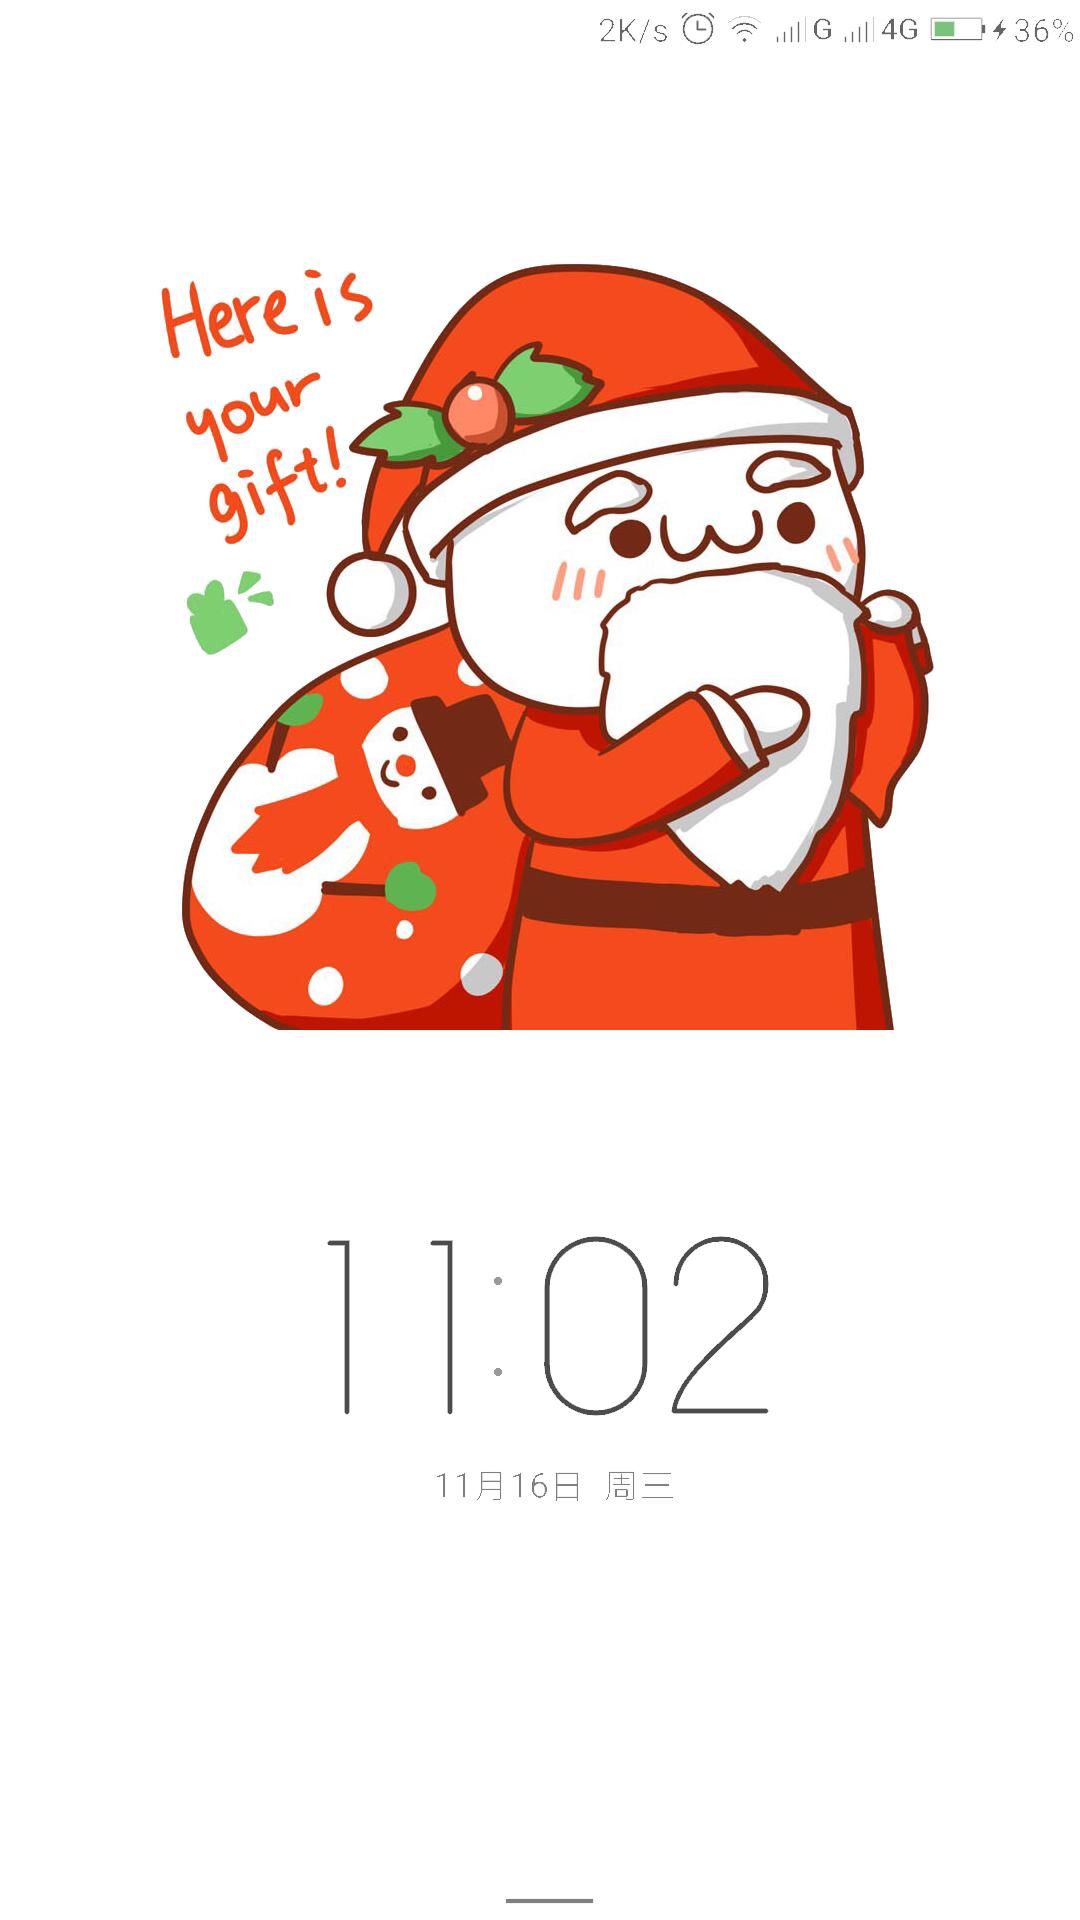 【圣诞节系列】锁屏壁纸here is your gift!-{forum}-{fup}-{bbname}-{page}